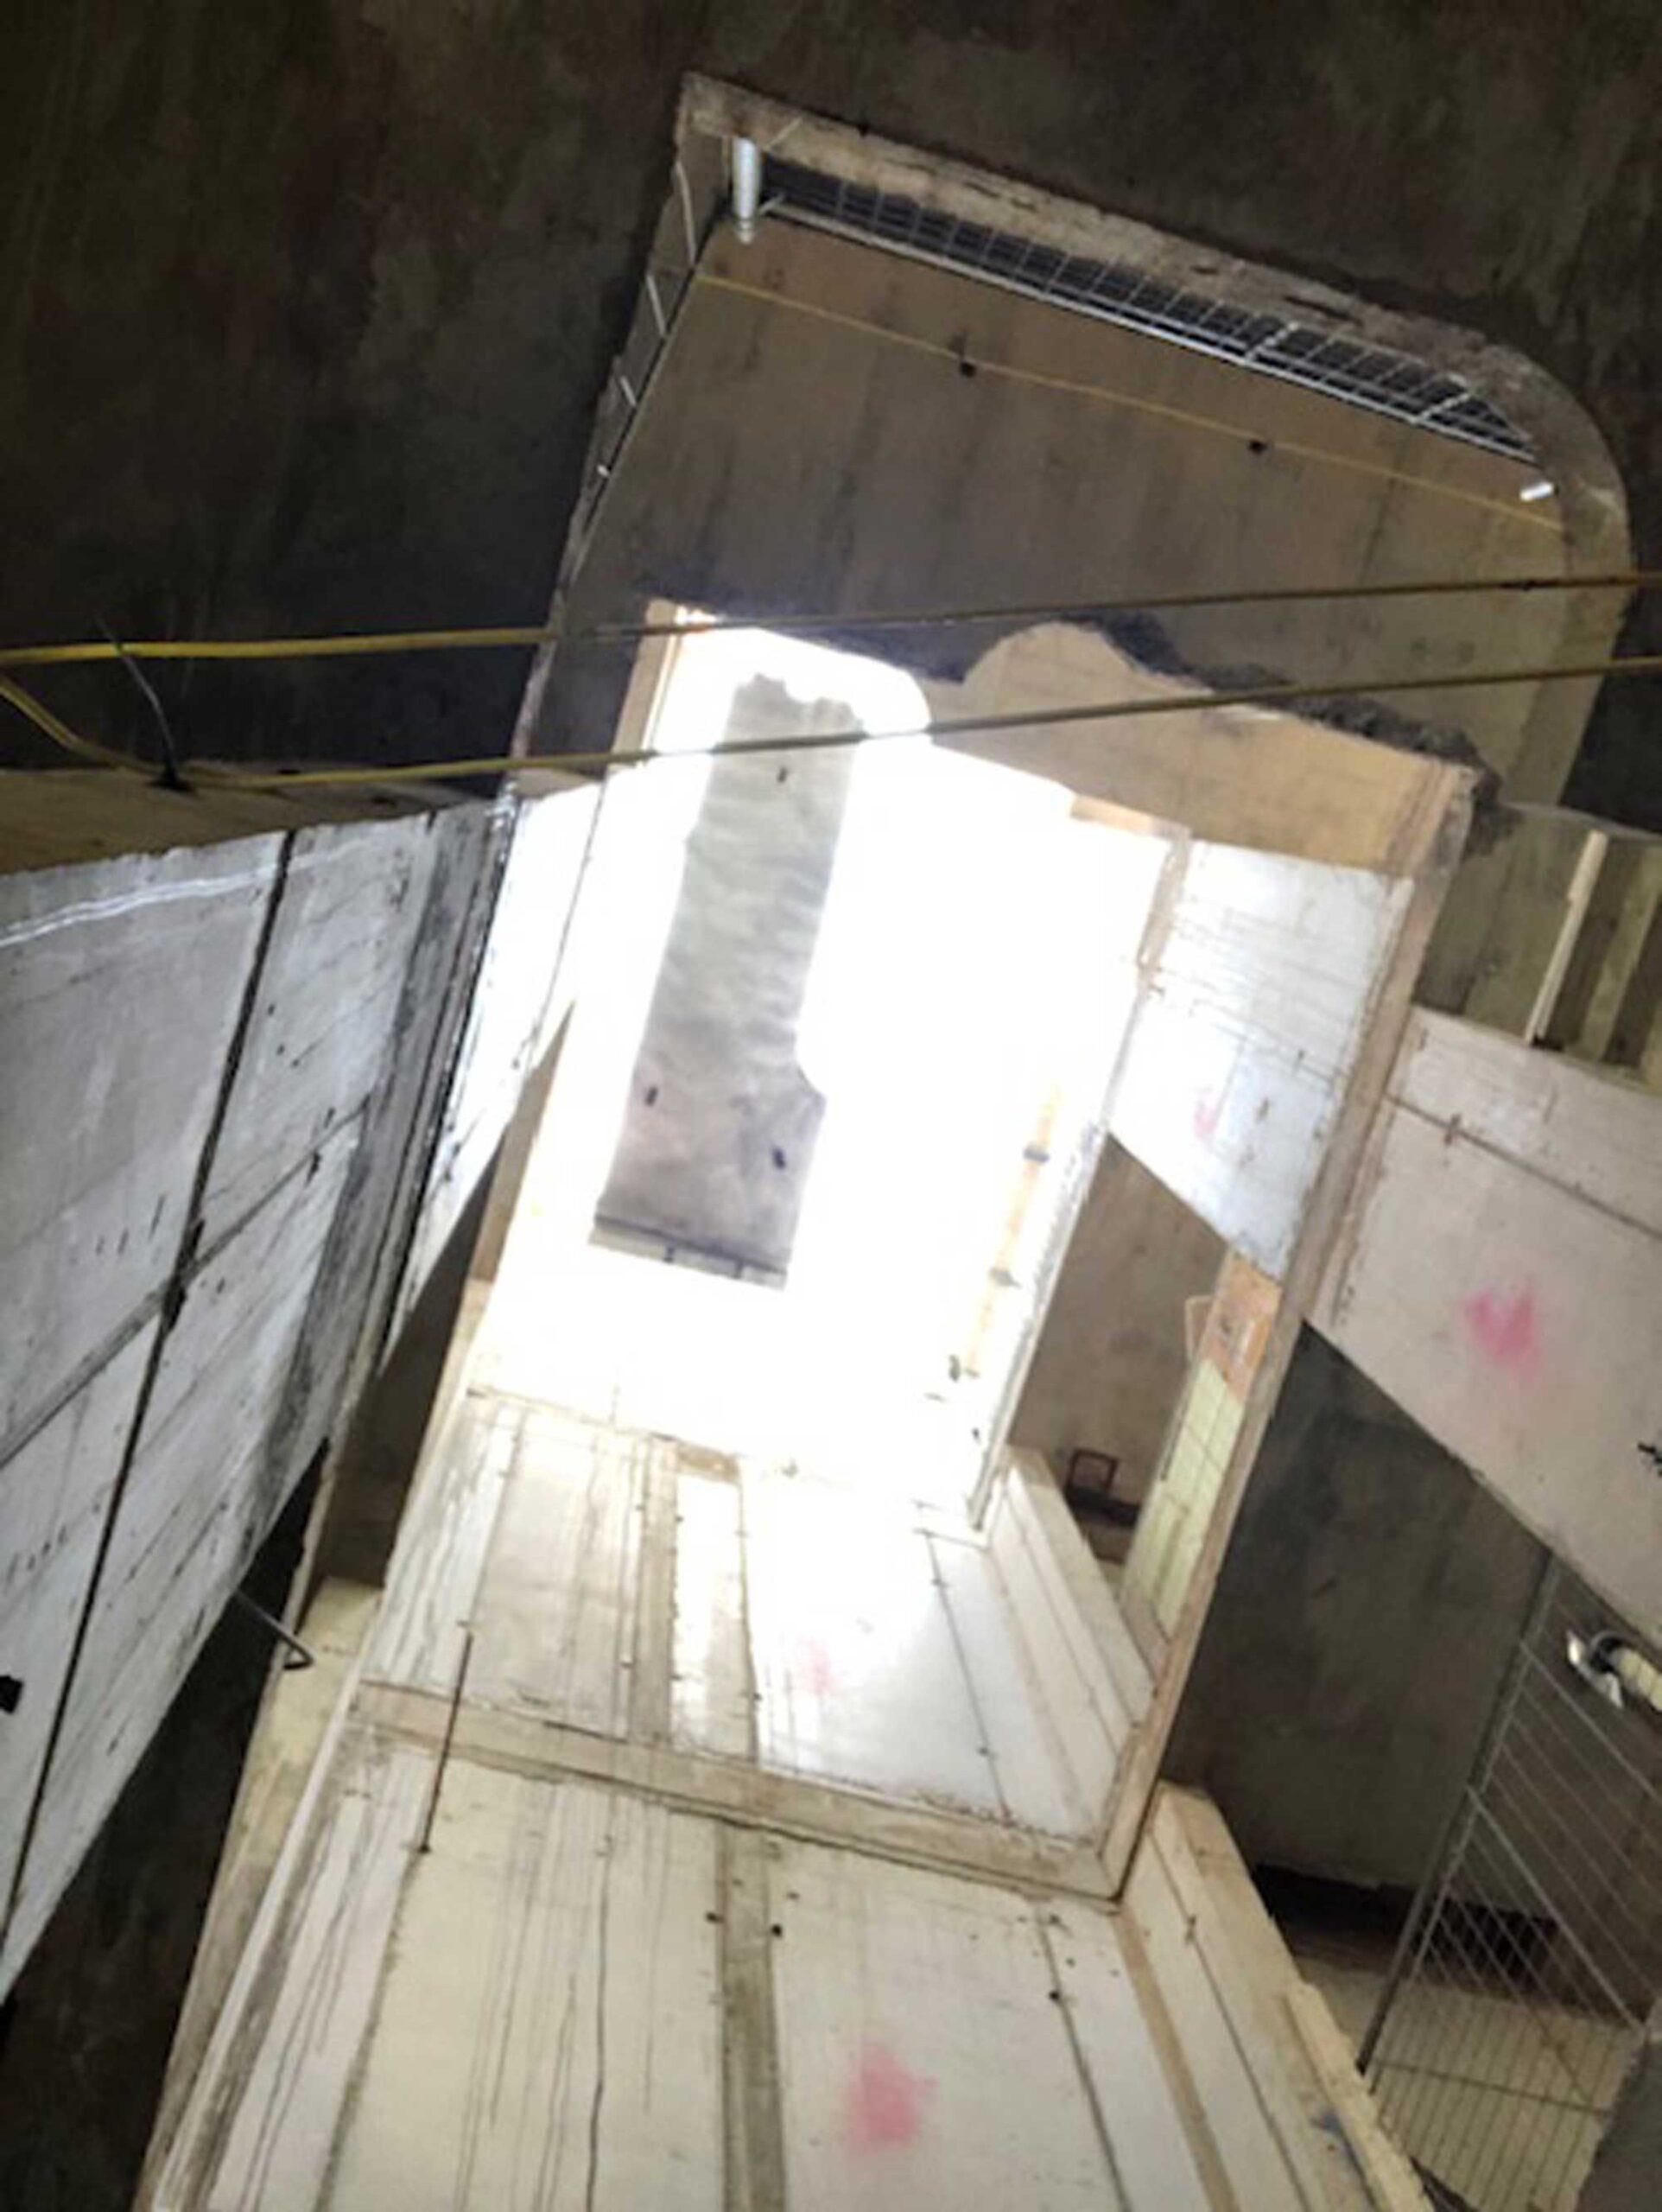 kensington-house-openstudio-architects-stair-installation